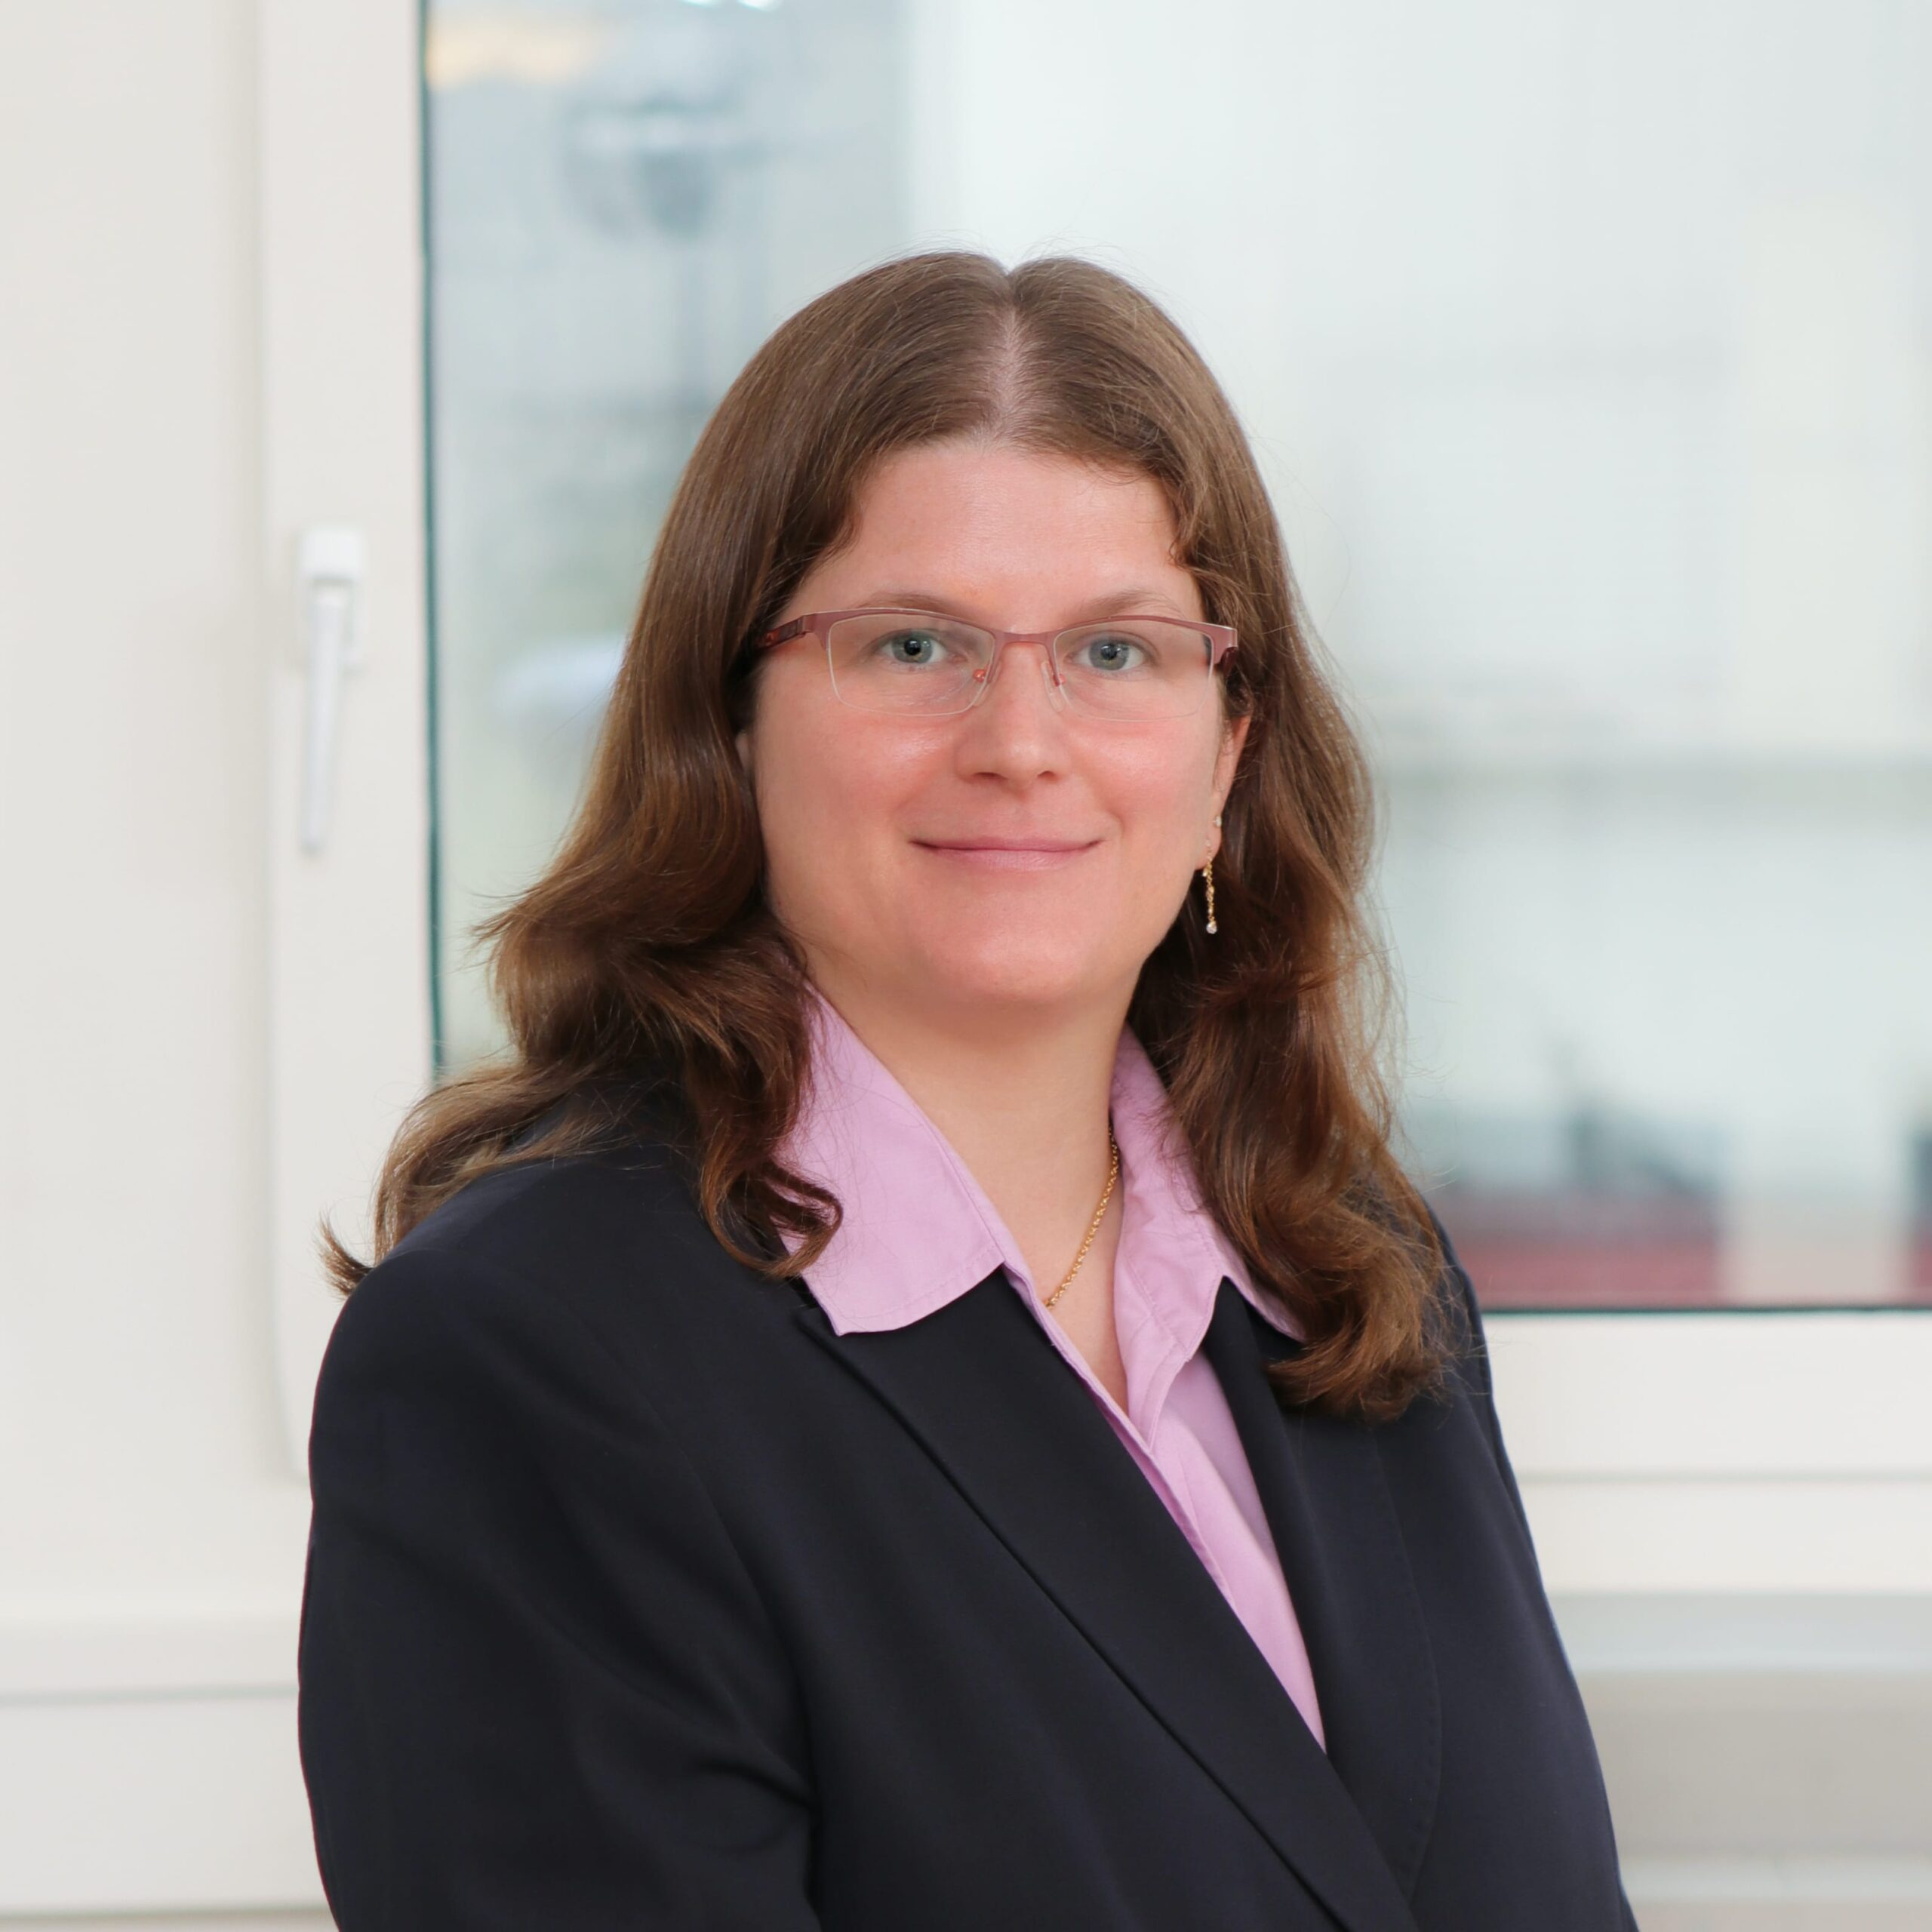 Landtwing Law AG, Manuela Landtwing-Oswald